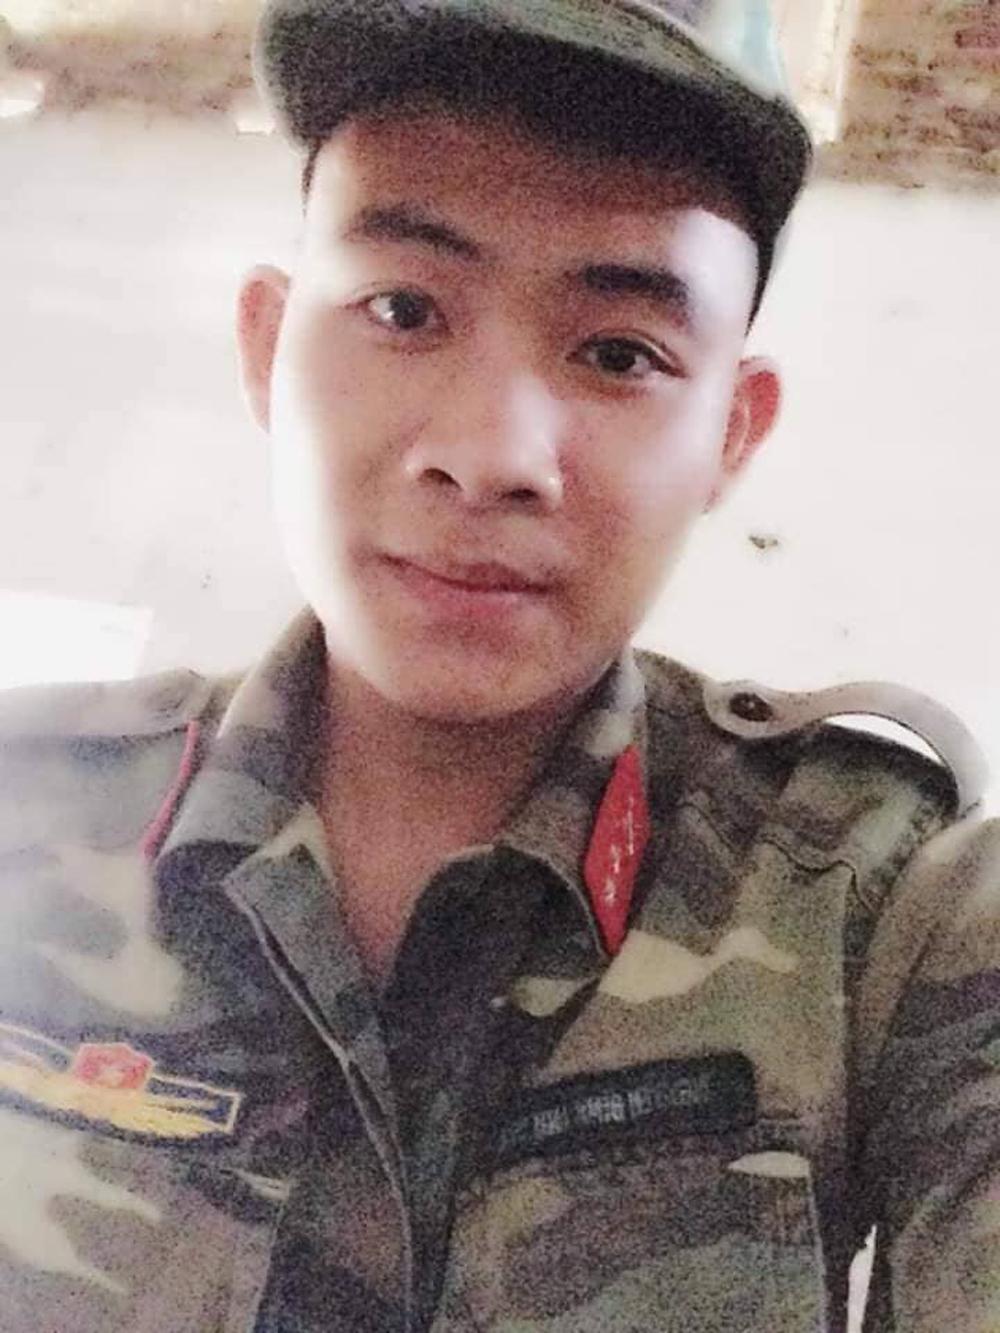 em Chu Xuân Thắng, thôn Can, xã Hương Gián, nghĩa vụ quân sự